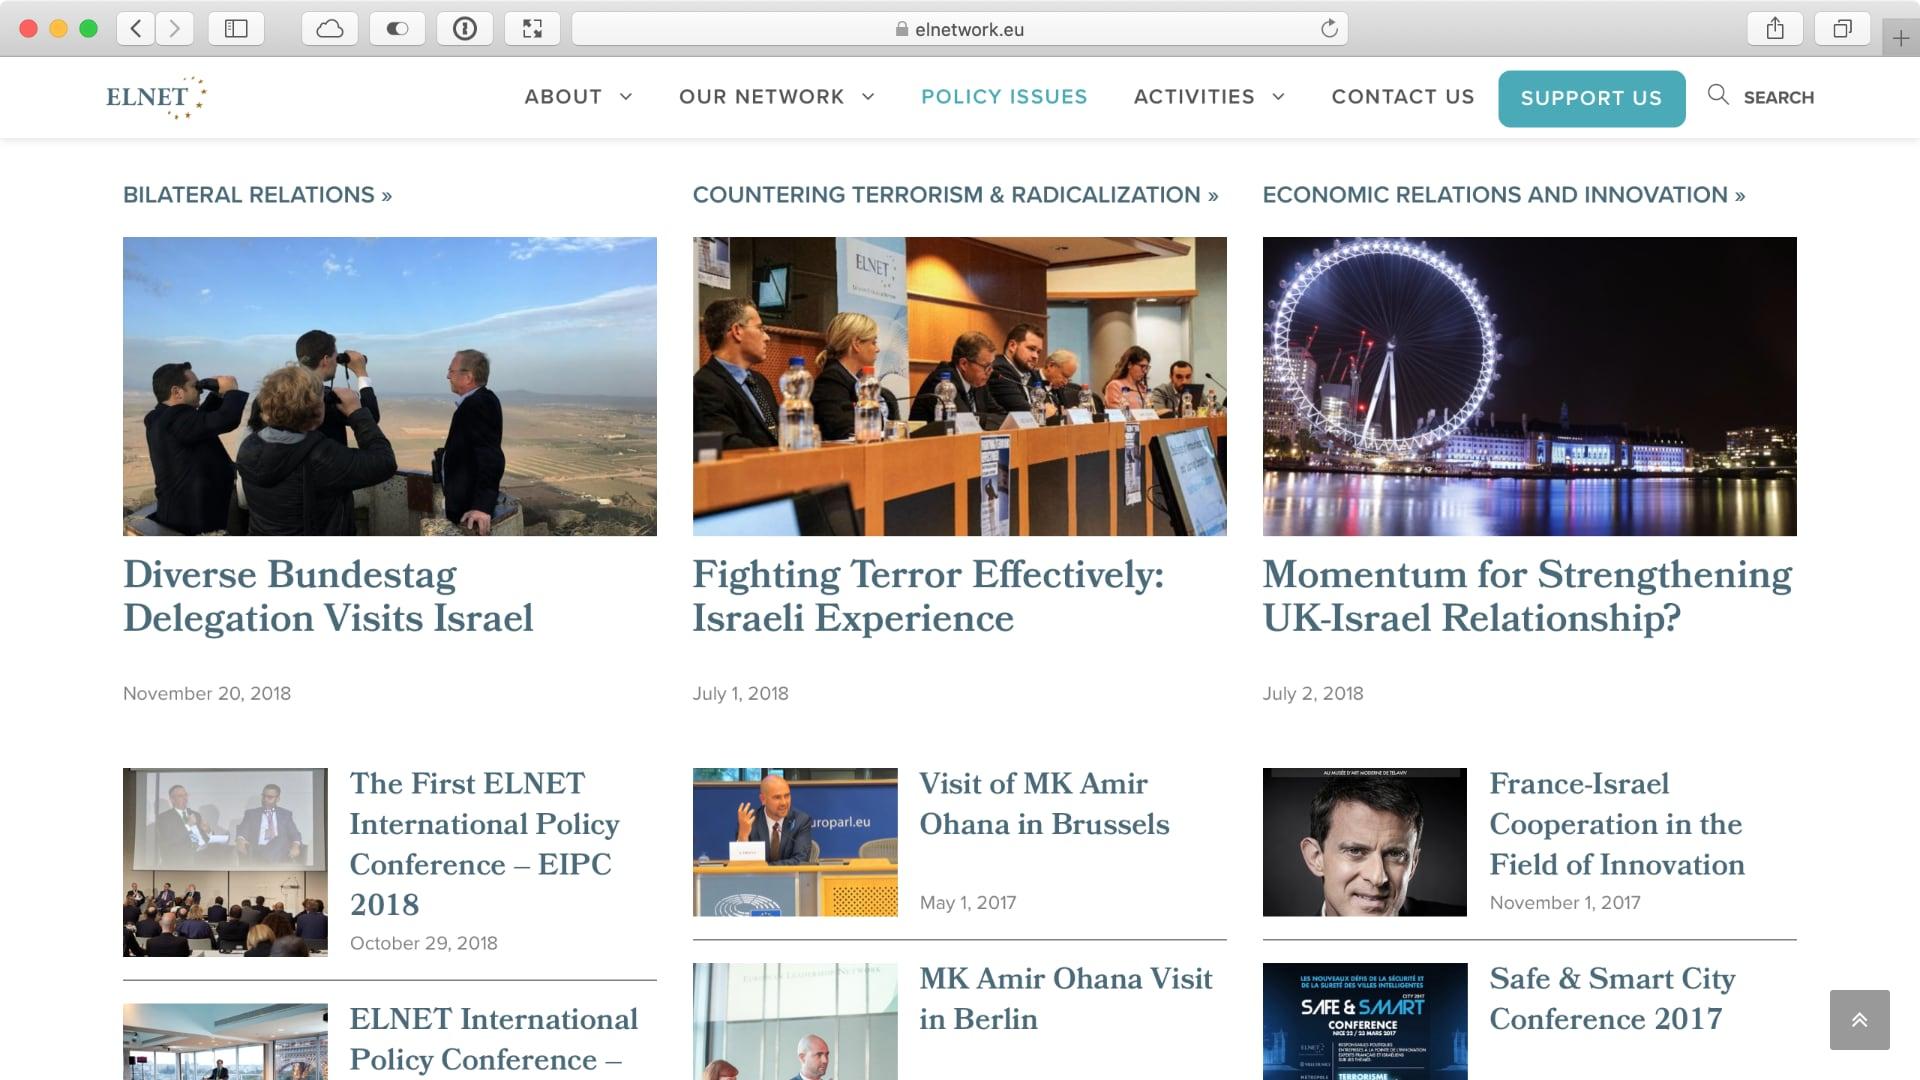 עמוד המאמרים של Elnet אשר מציג רק את הפוסטים האחרונים מכל נושא כדי להקל עומס המידע